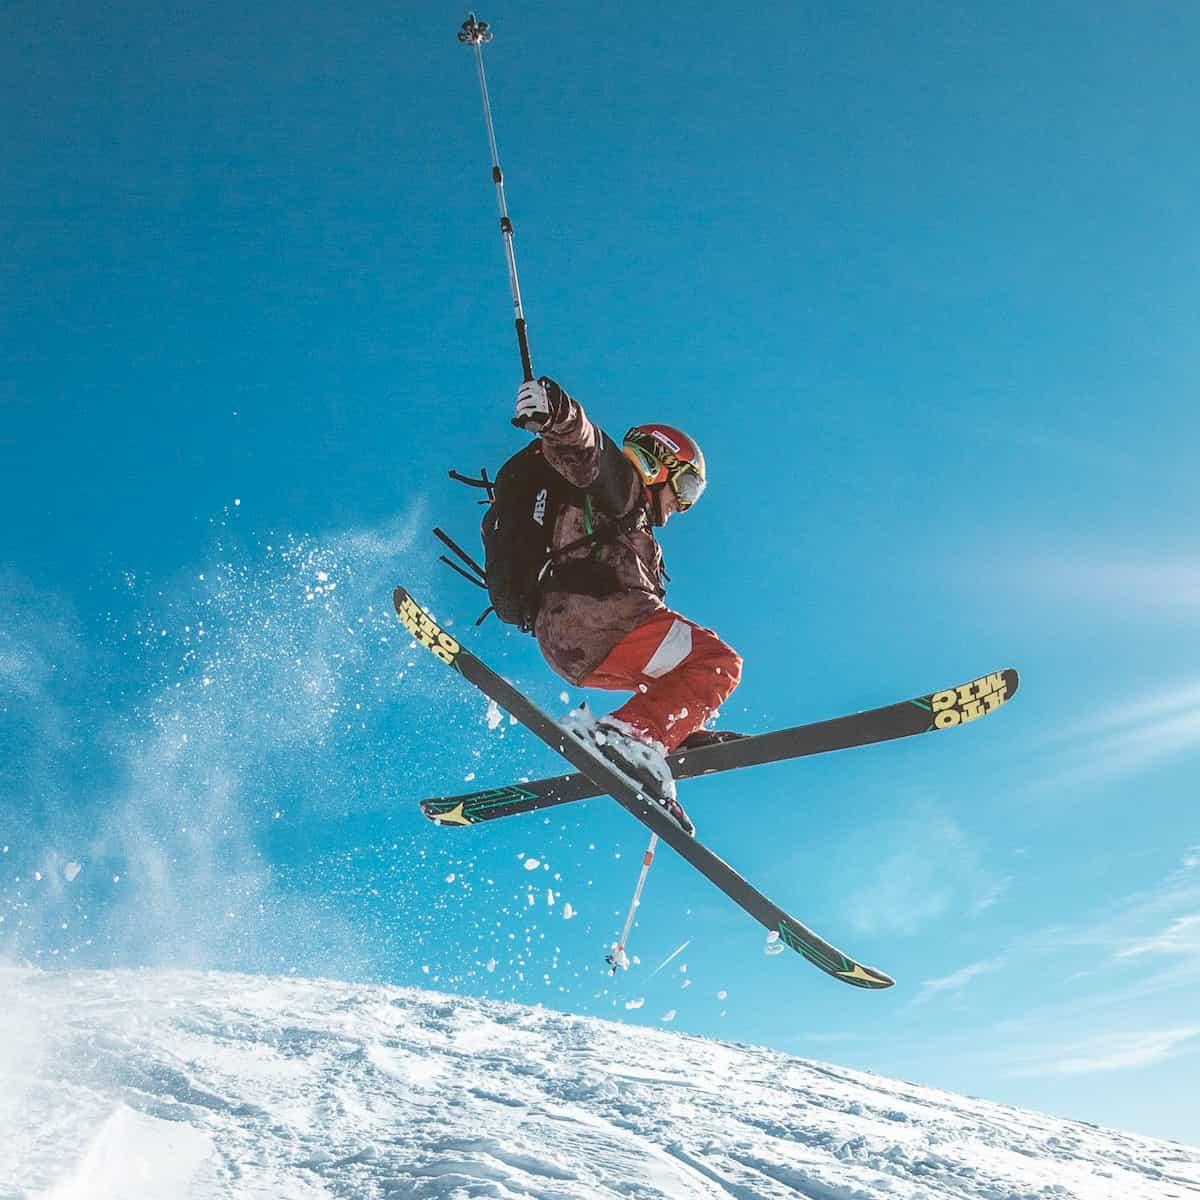 Ski, Schnee und Sonne - Urlaubsvergnügen in den Bergen